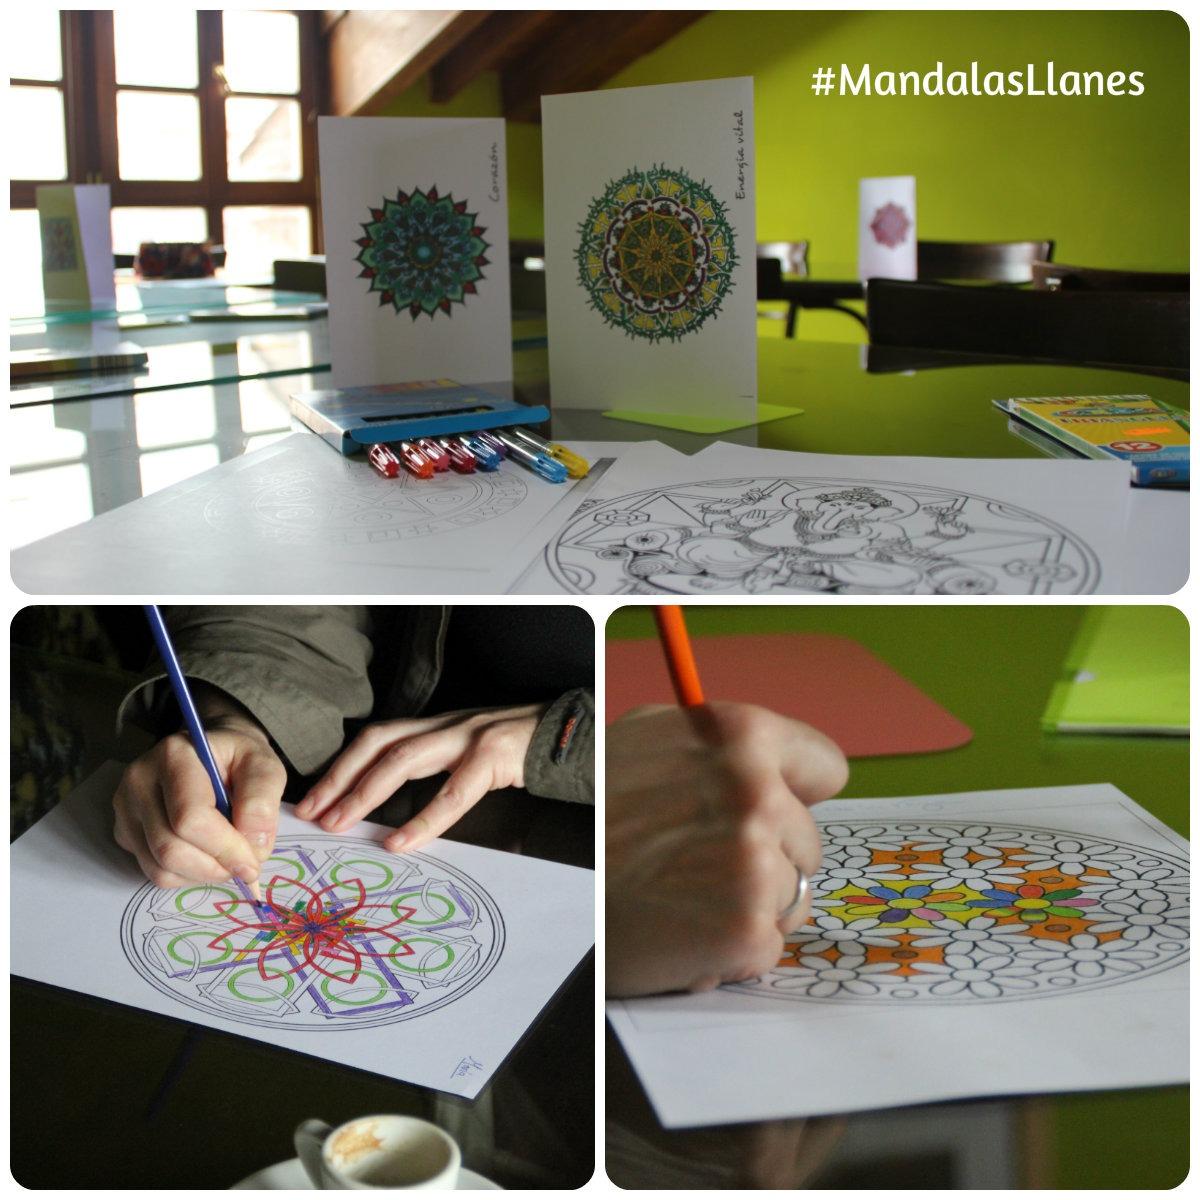 joranda de mandalas en llanes - Jornada de Mandalas en Llanes